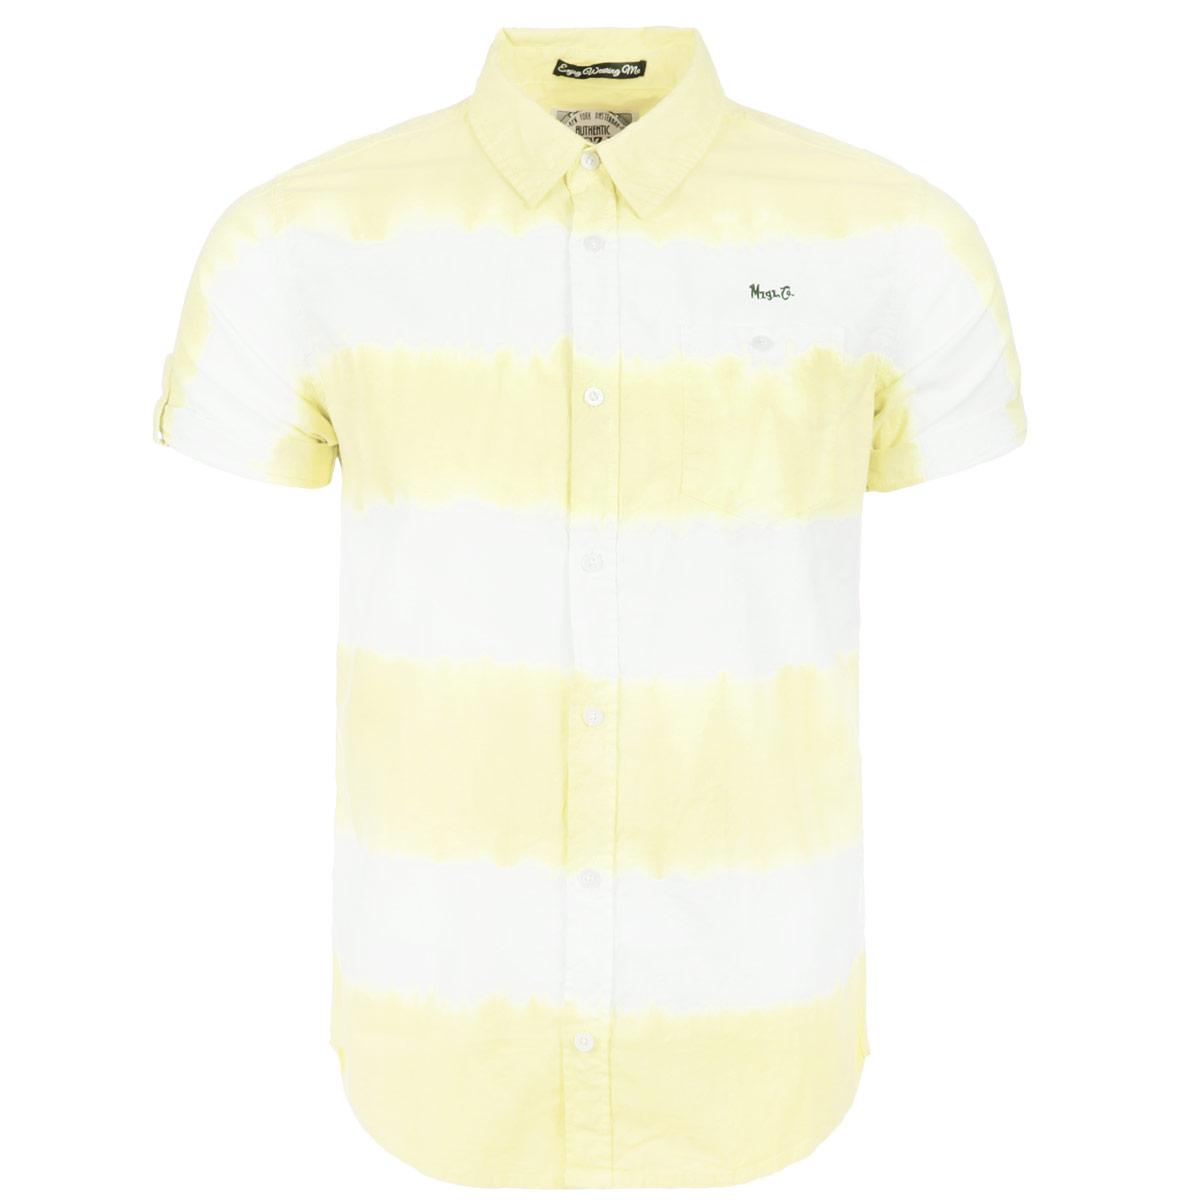 РубашкаCallme_POOLBLUEСтильная мужская рубашка MeZaGuZ, изготовлена из натурального хлопка, необычайно мягкая и приятная на ощупь, не сковывает движения и позволяет коже дышать, не раздражает даже самую нежную и чувствительную кожу, обеспечивая наибольший комфорт. Модель прямого кроя, с короткими рукавами, отложным воротником оформлена широкими полосками с размытыми краями. Низ изделия закруглен. На груди рубашка дополнена накладным карманом на пуговице. Рукава декорированы хлястиками на пуговицах. Такая модель порадует настоящих ценителей комфорта и практичности!